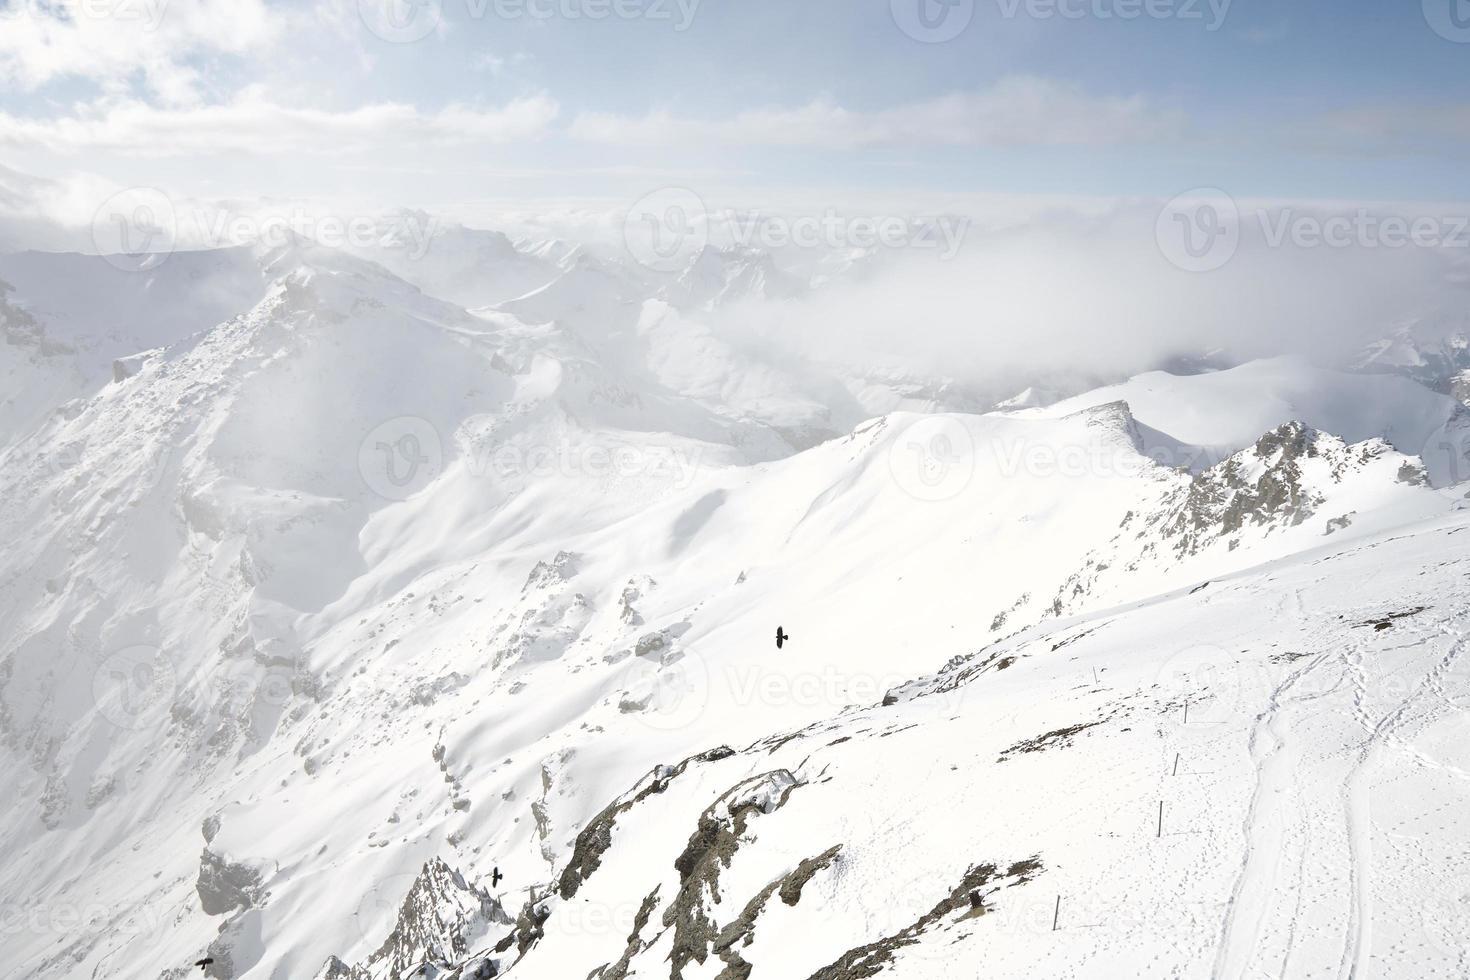 schneebedeckter Berg unter dicken Wolken foto